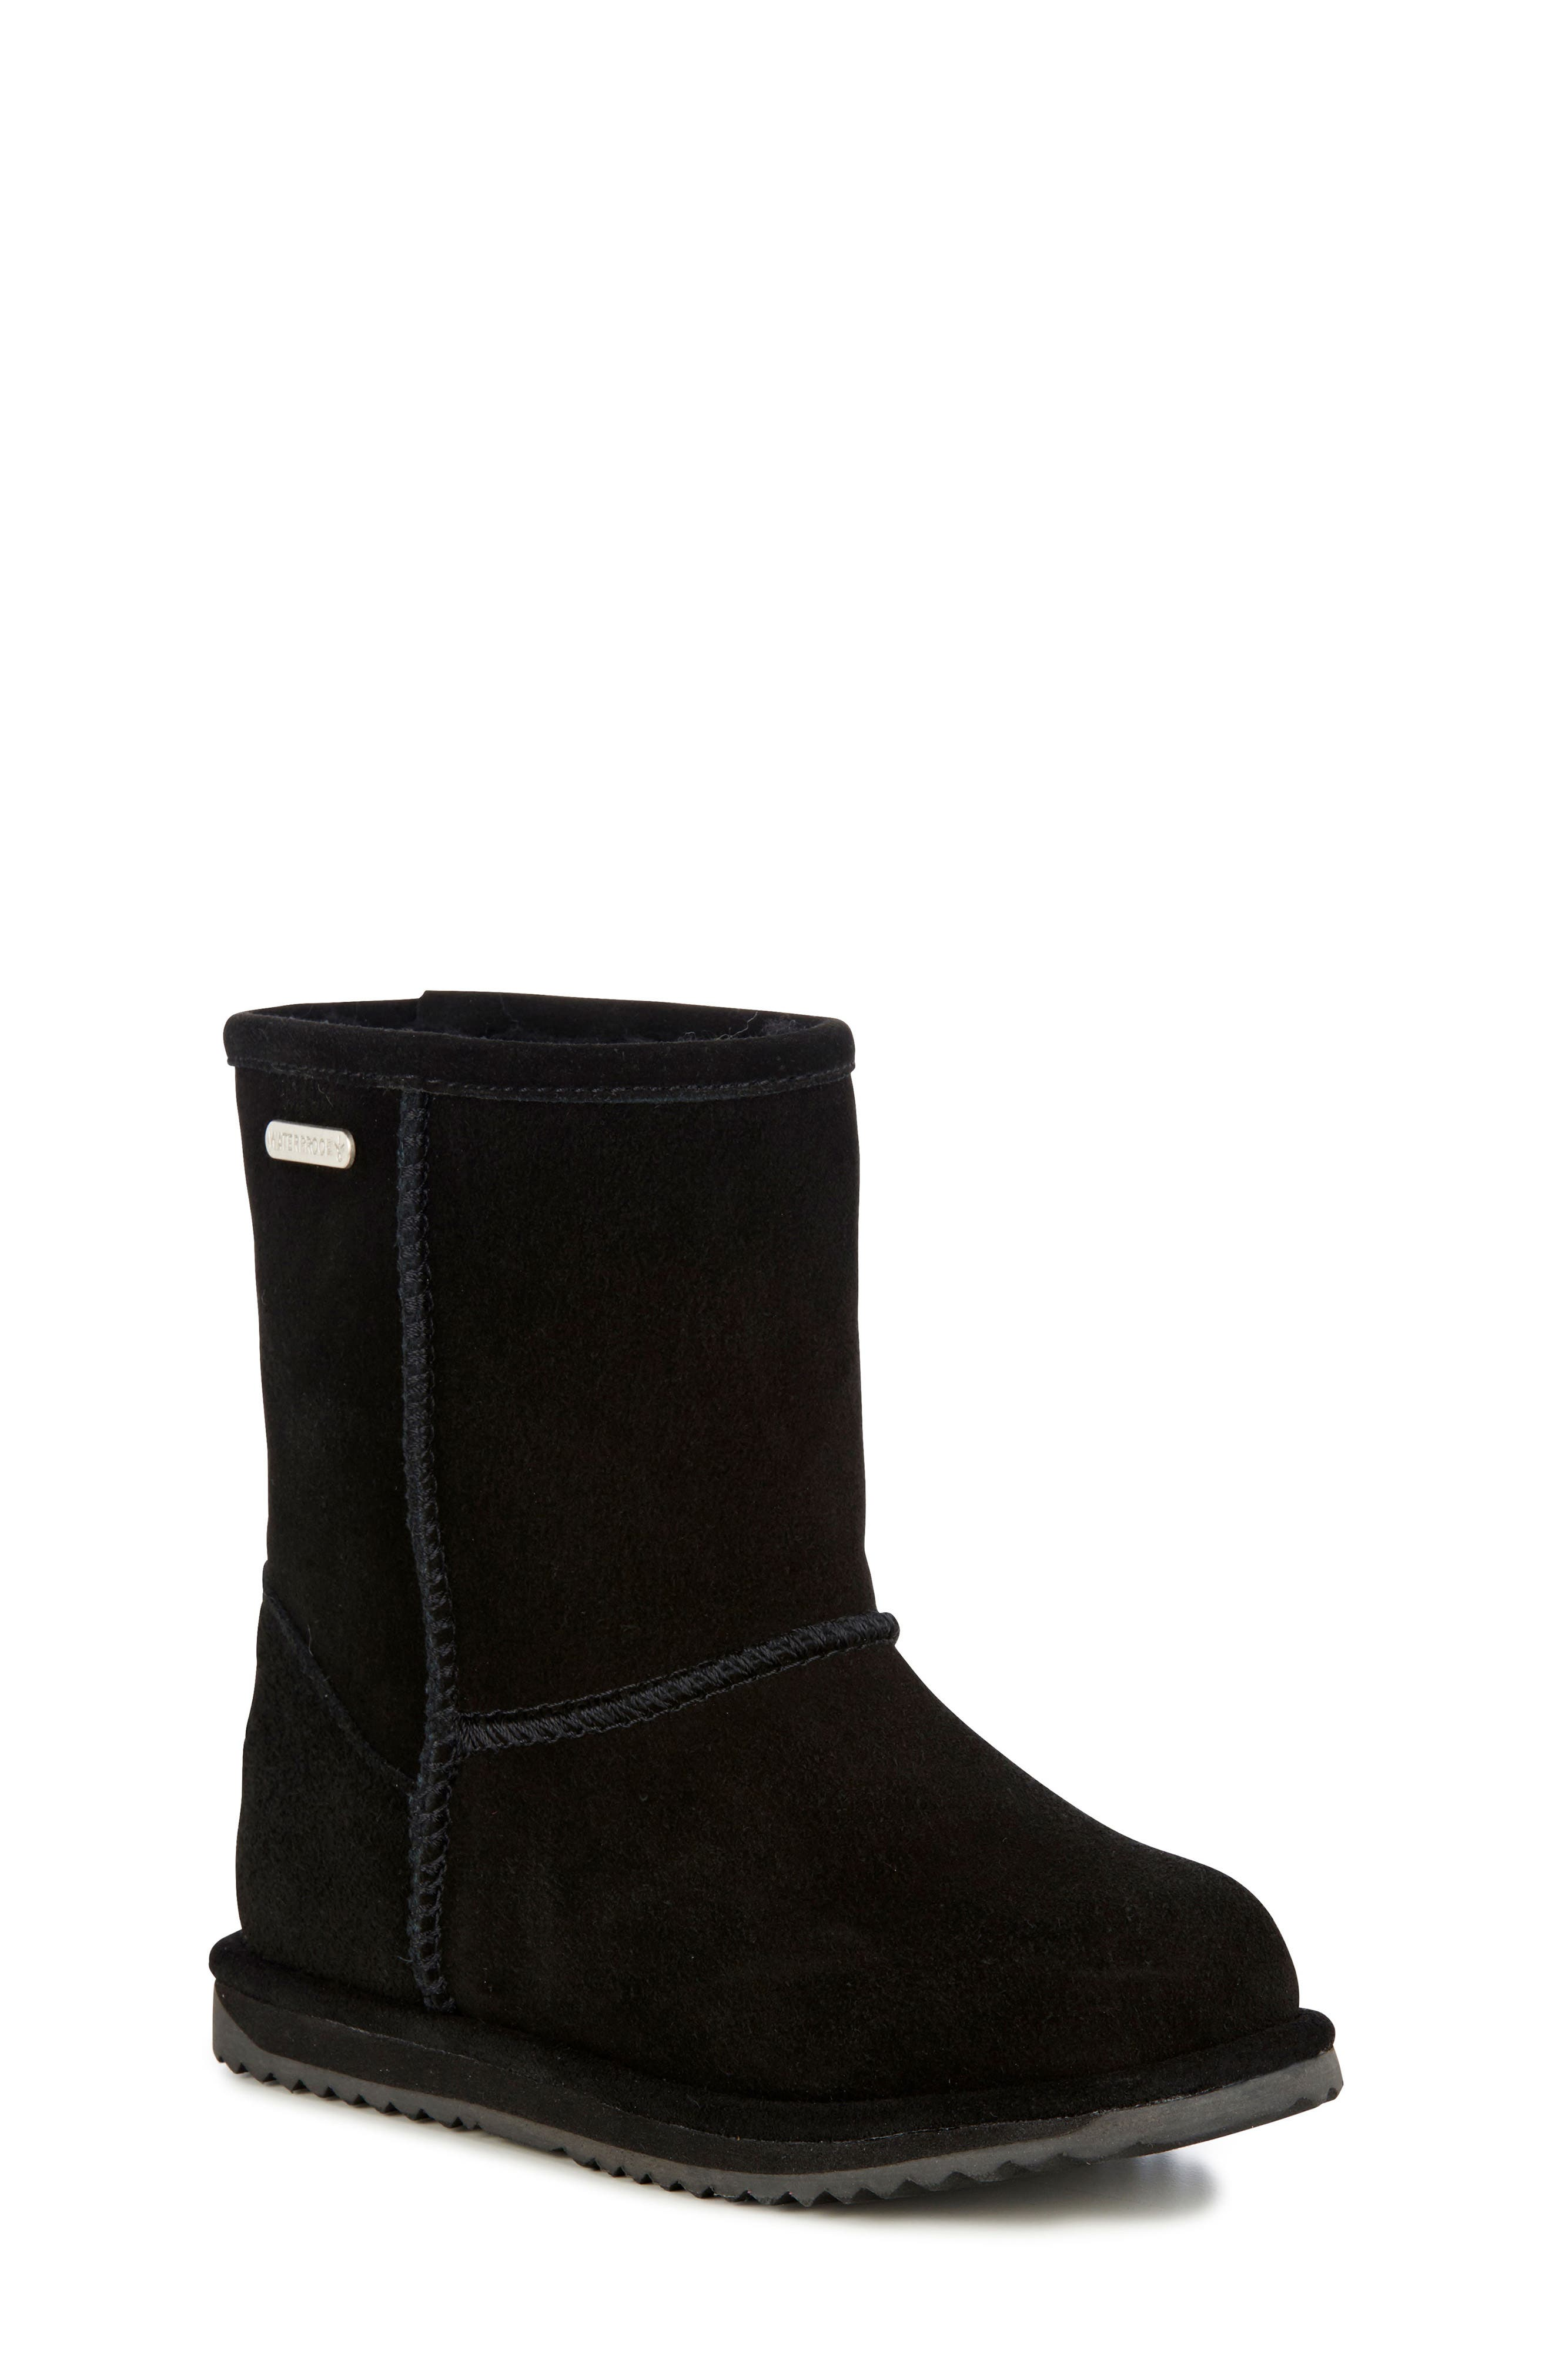 Brumby Waterproof Boot,                         Main,                         color, BLACK SUEDE